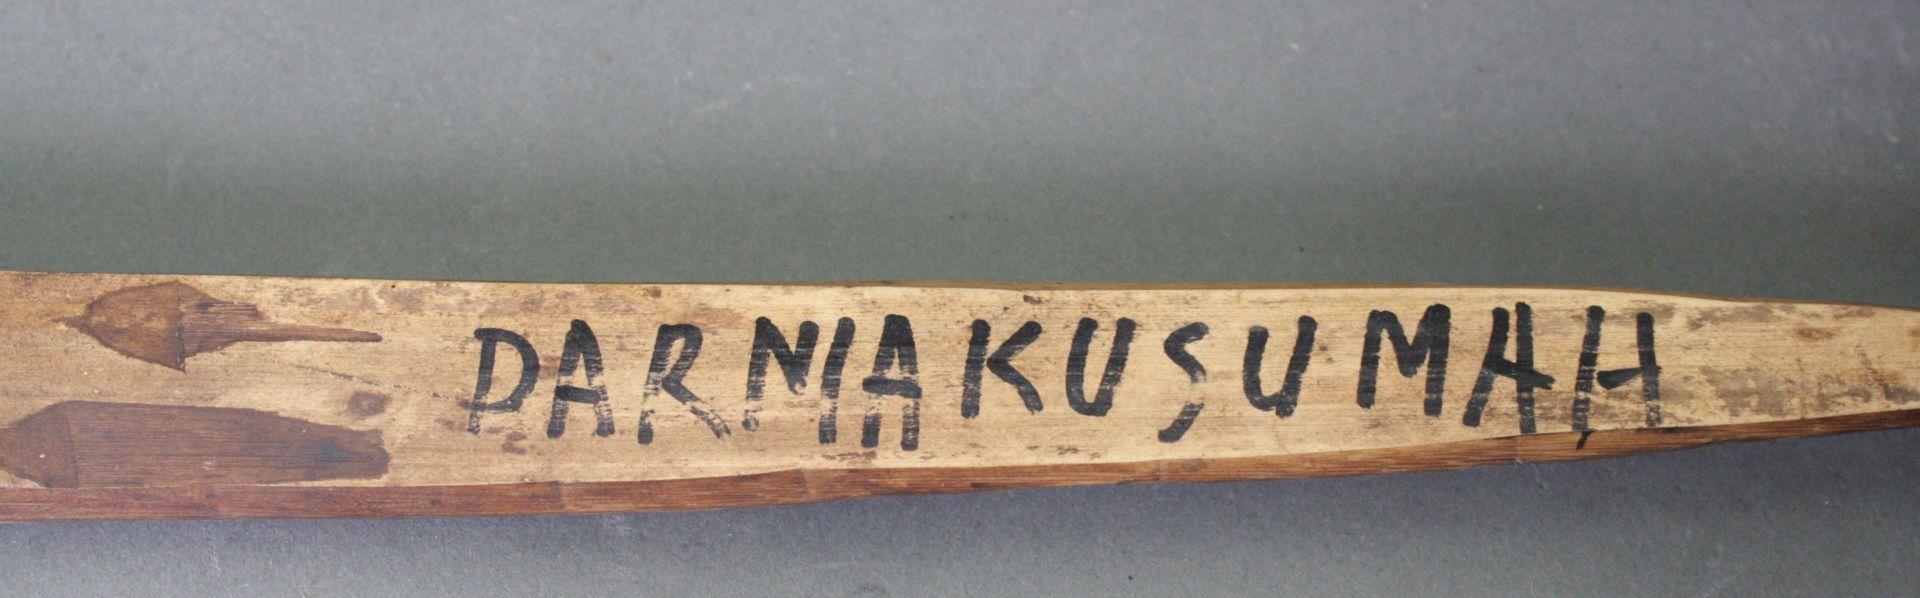 Konvolut indonesische Stabpuppen, Wayang-Golek - Bild 6 aus 6